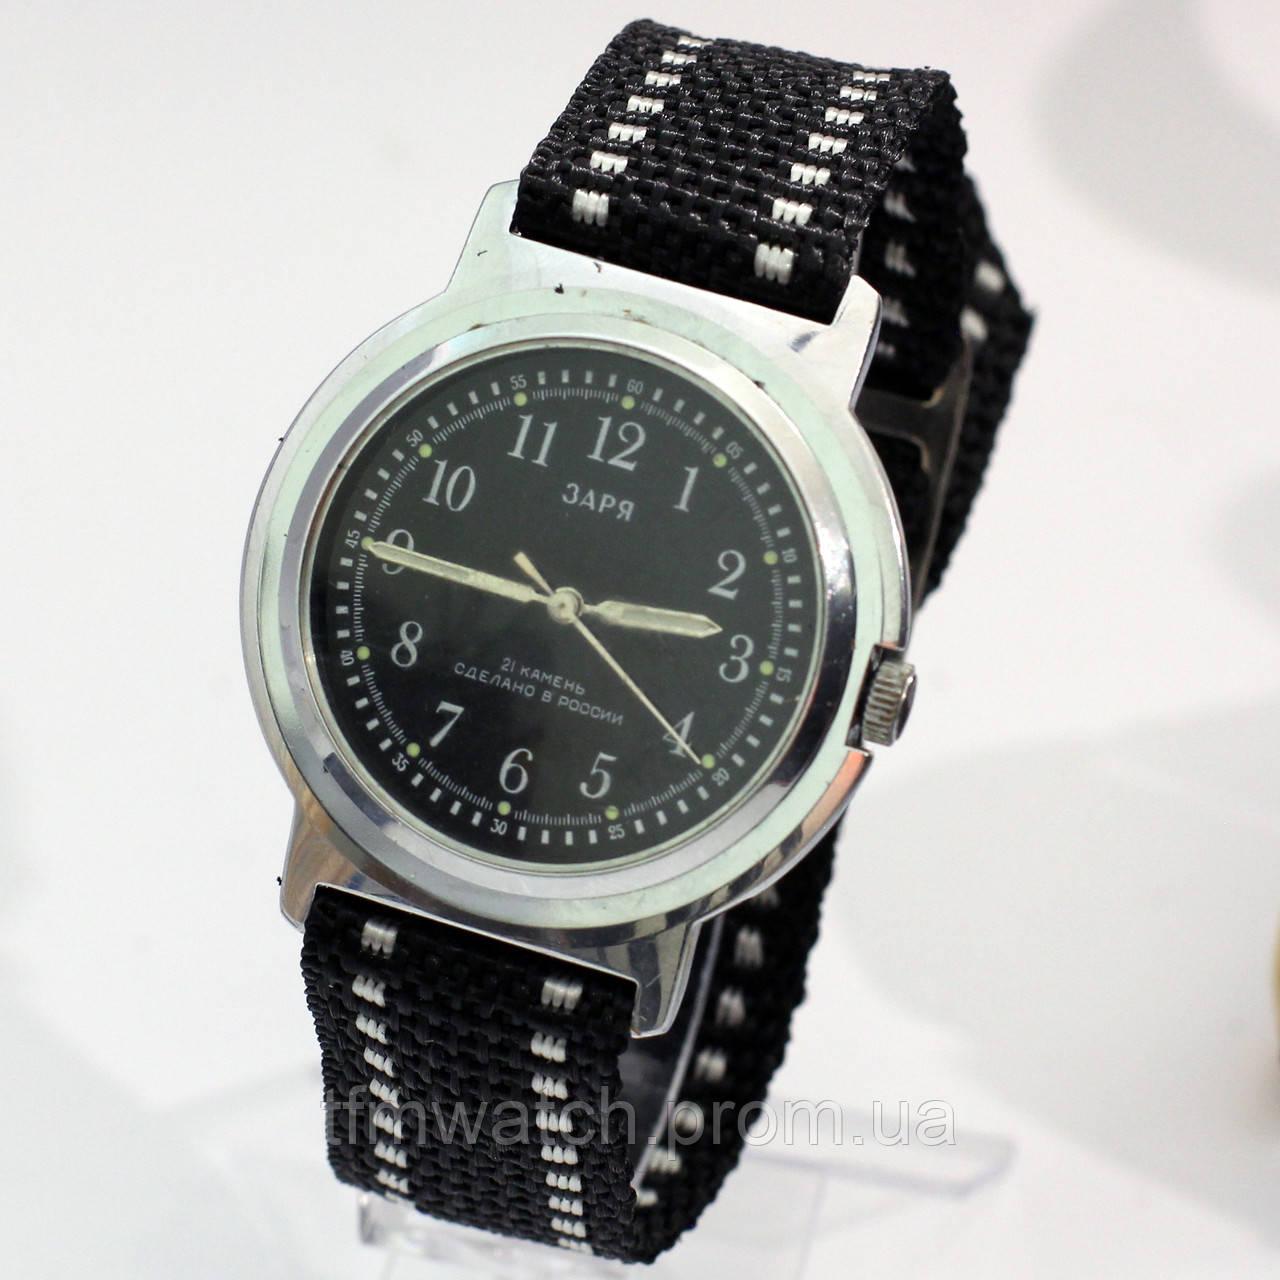 Заря Zarja российские часы